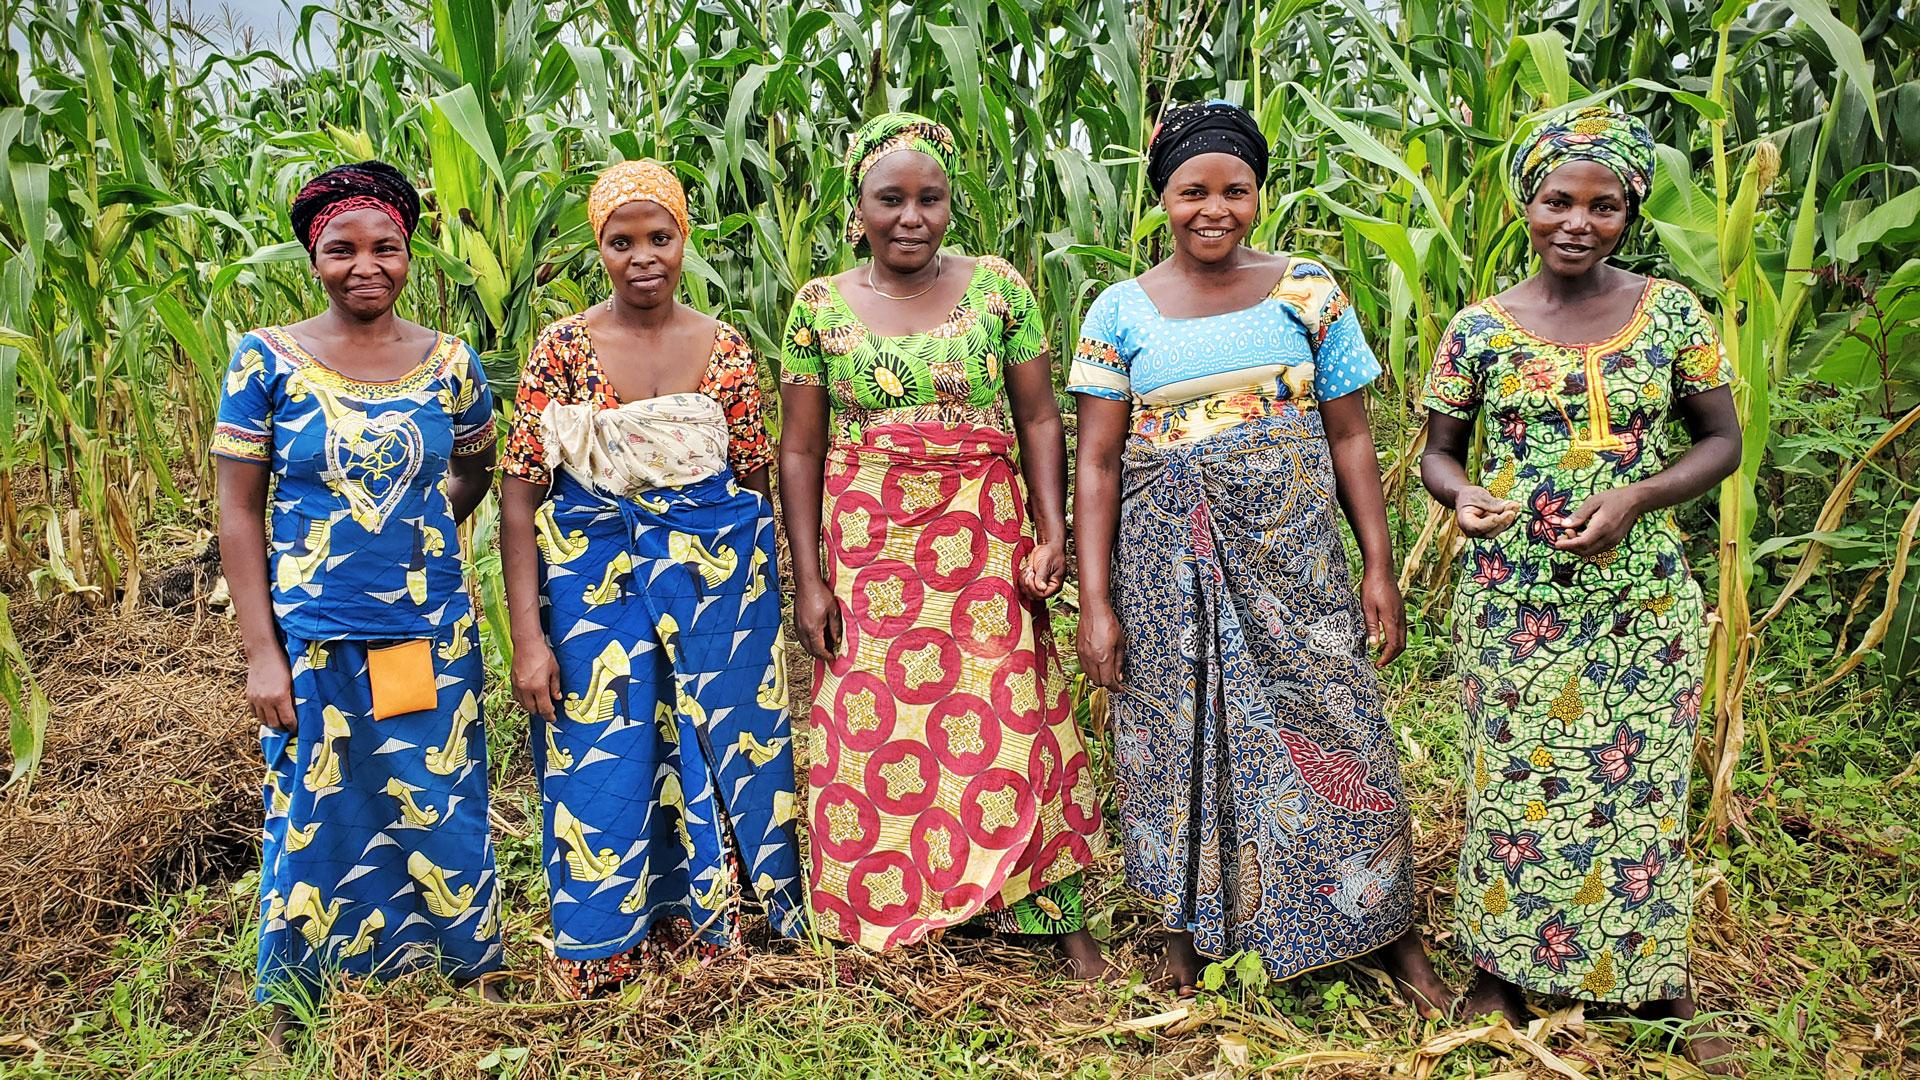 Uusi ruokahanke voi olla ratkaisu Ugandan pienviljelijöiden ahdinkoon, ja näin se toimii